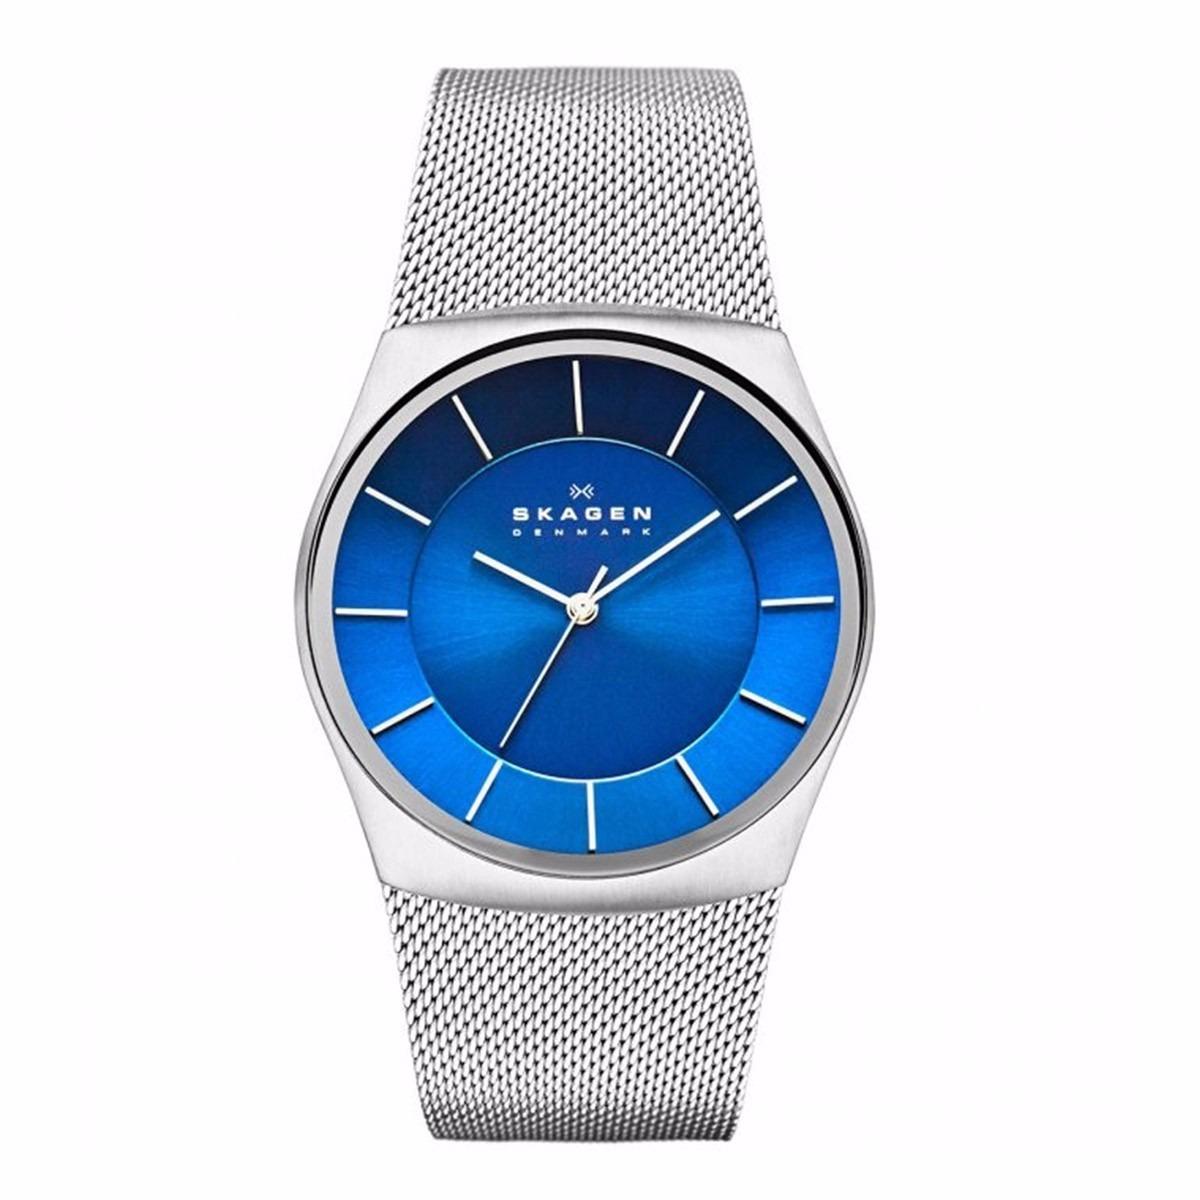 2e7cd6b134c7c relógio skagen havene denmark blue dial skw6068. Carregando zoom.